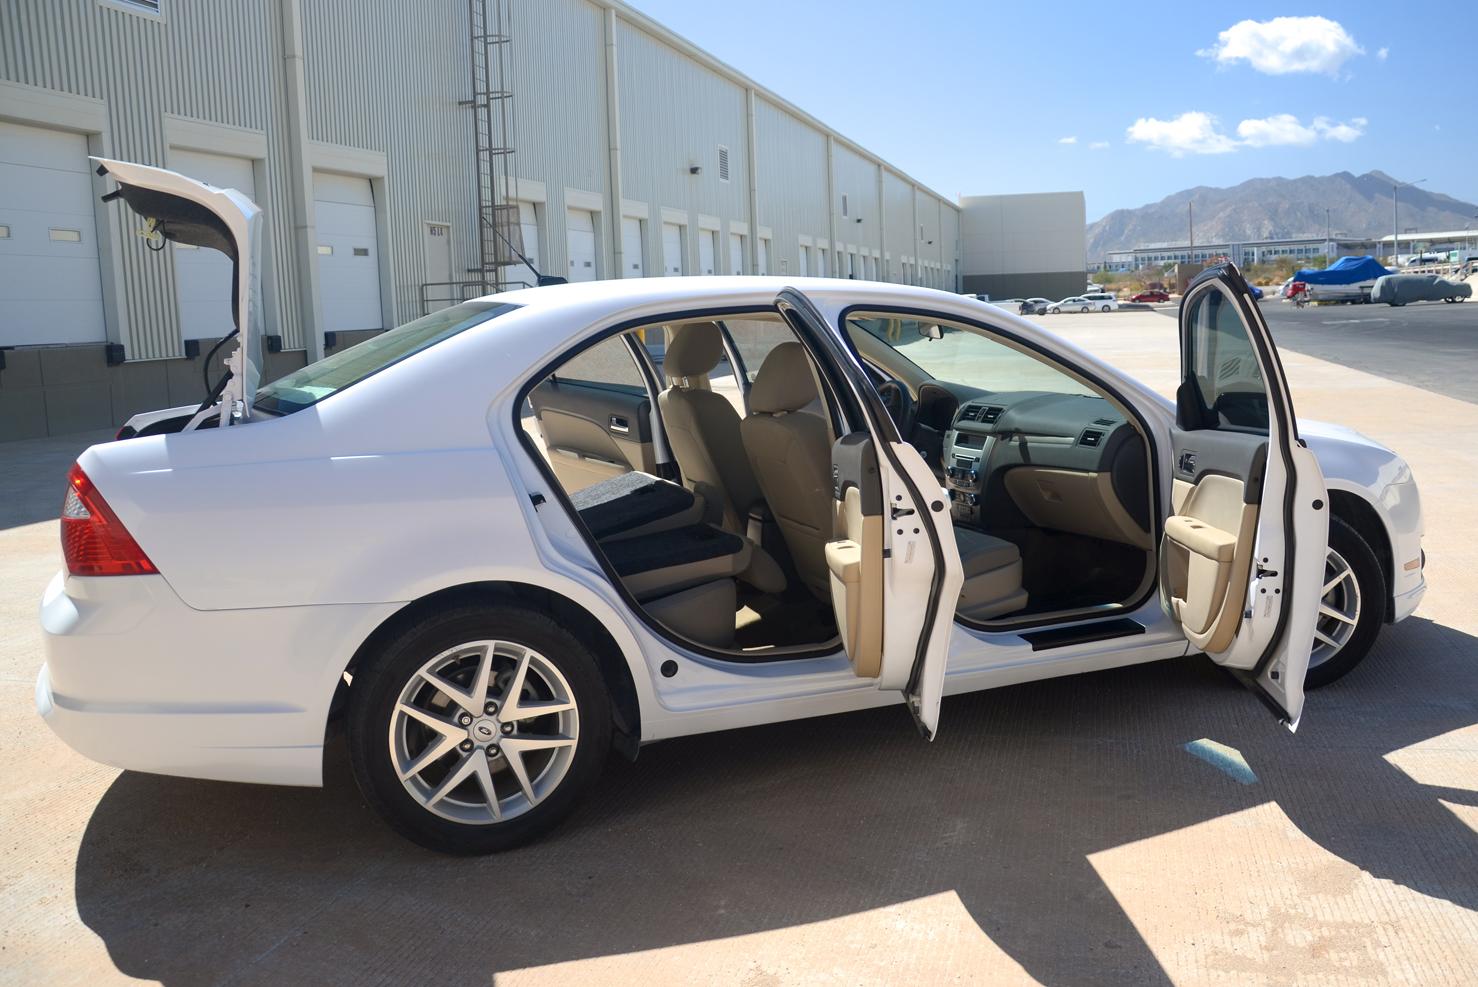 Ford Fusion (Sedanes Medianos de Lujo) | BBB Rent a Car Los Cabos